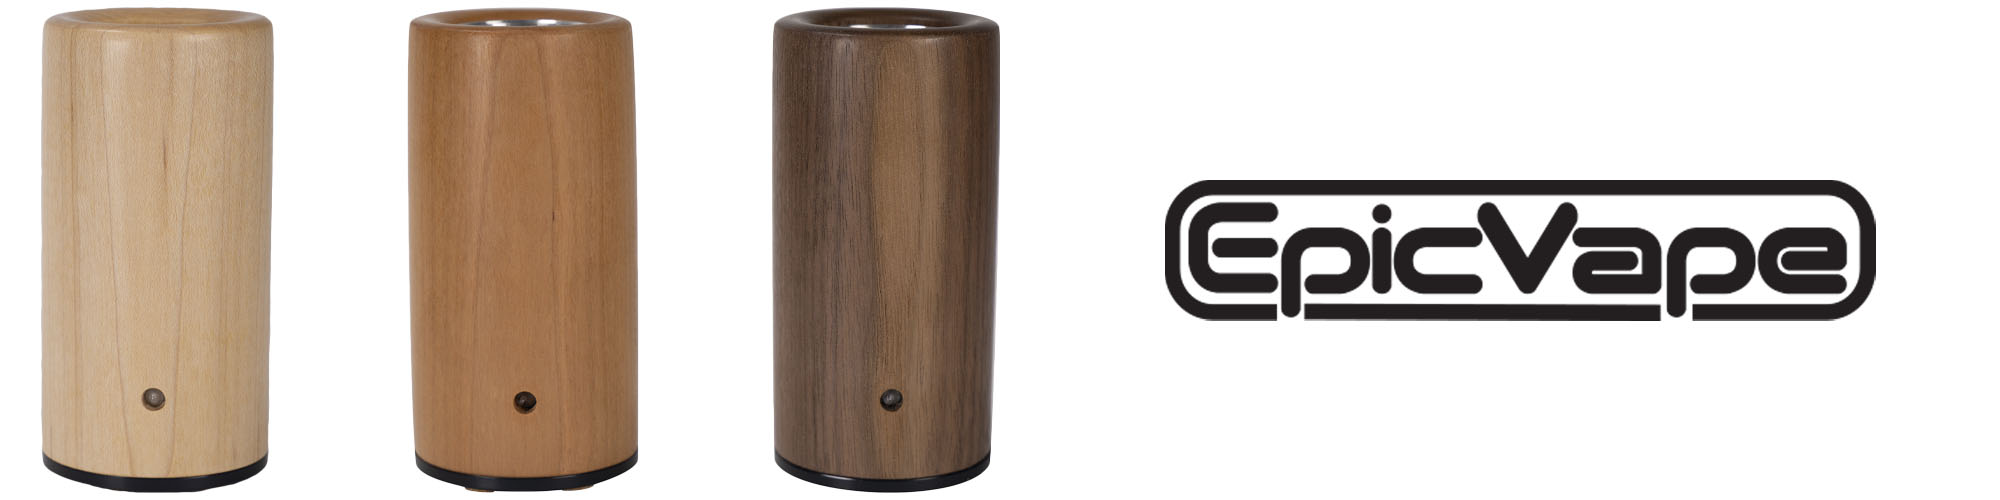 epicvape e-nano enano 4/20 sale april 20th sale special